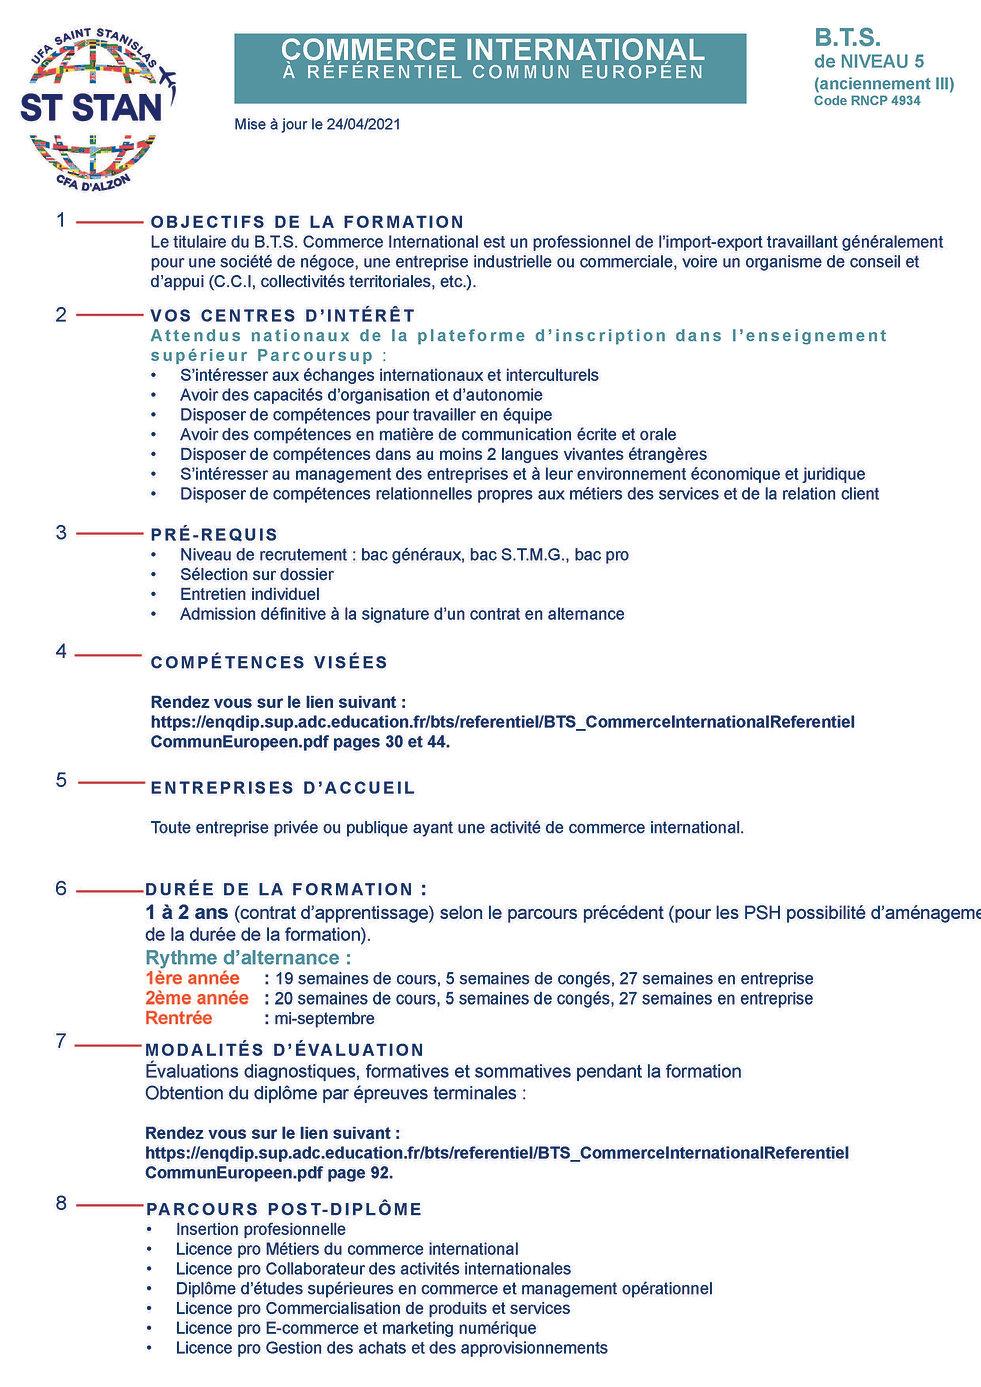 BTS fiche formation 1706_Page_1.jpg